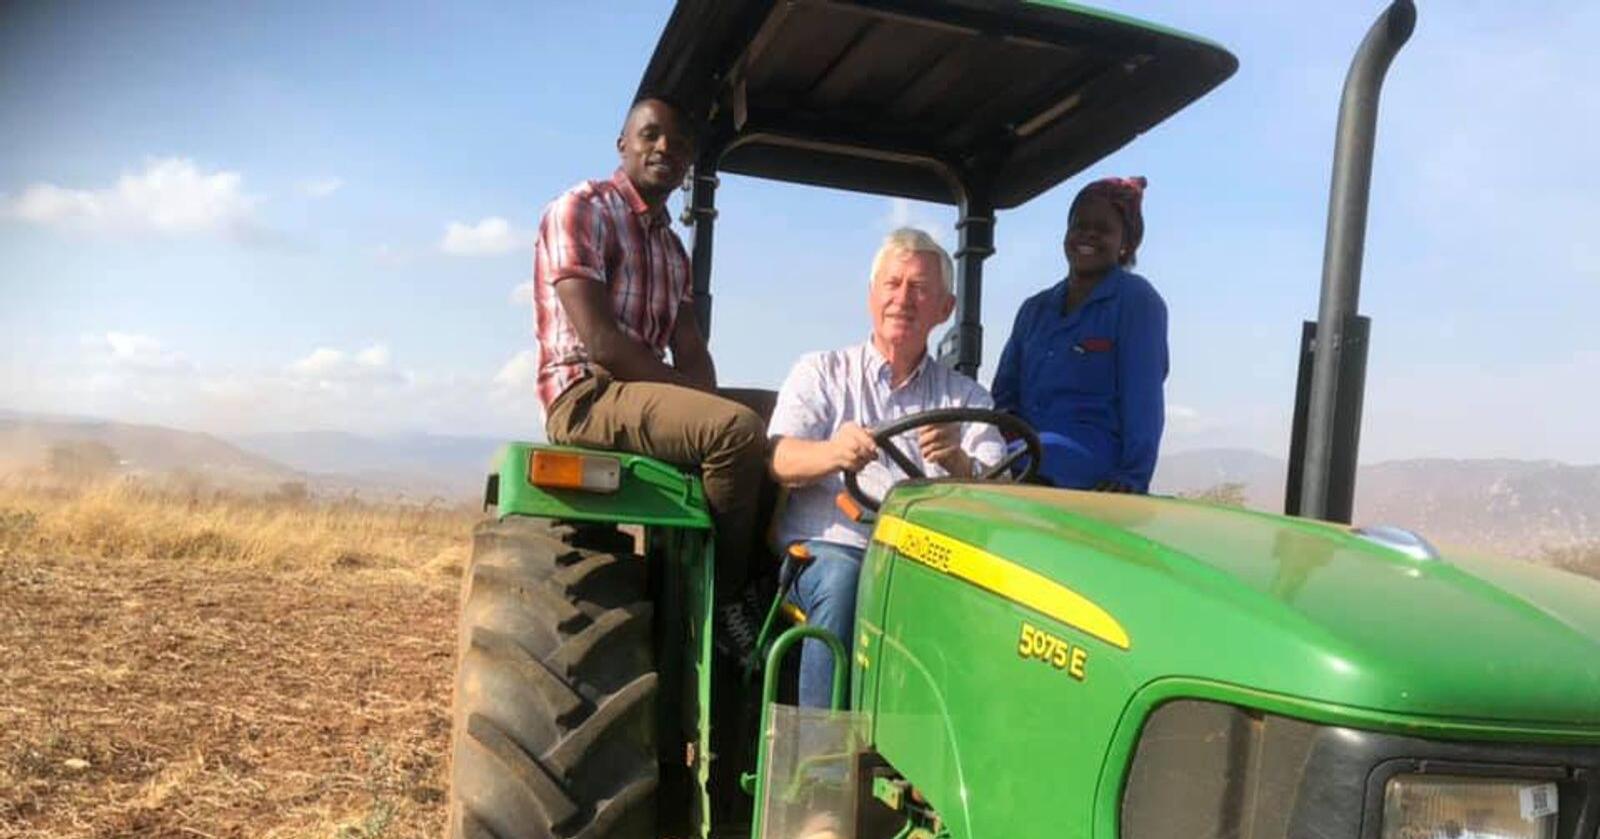 Her er Ueland i Tanzania saman med Dickson som er opplæringsleiar på farmen, og Grace som er farm manager. Foto: Privat